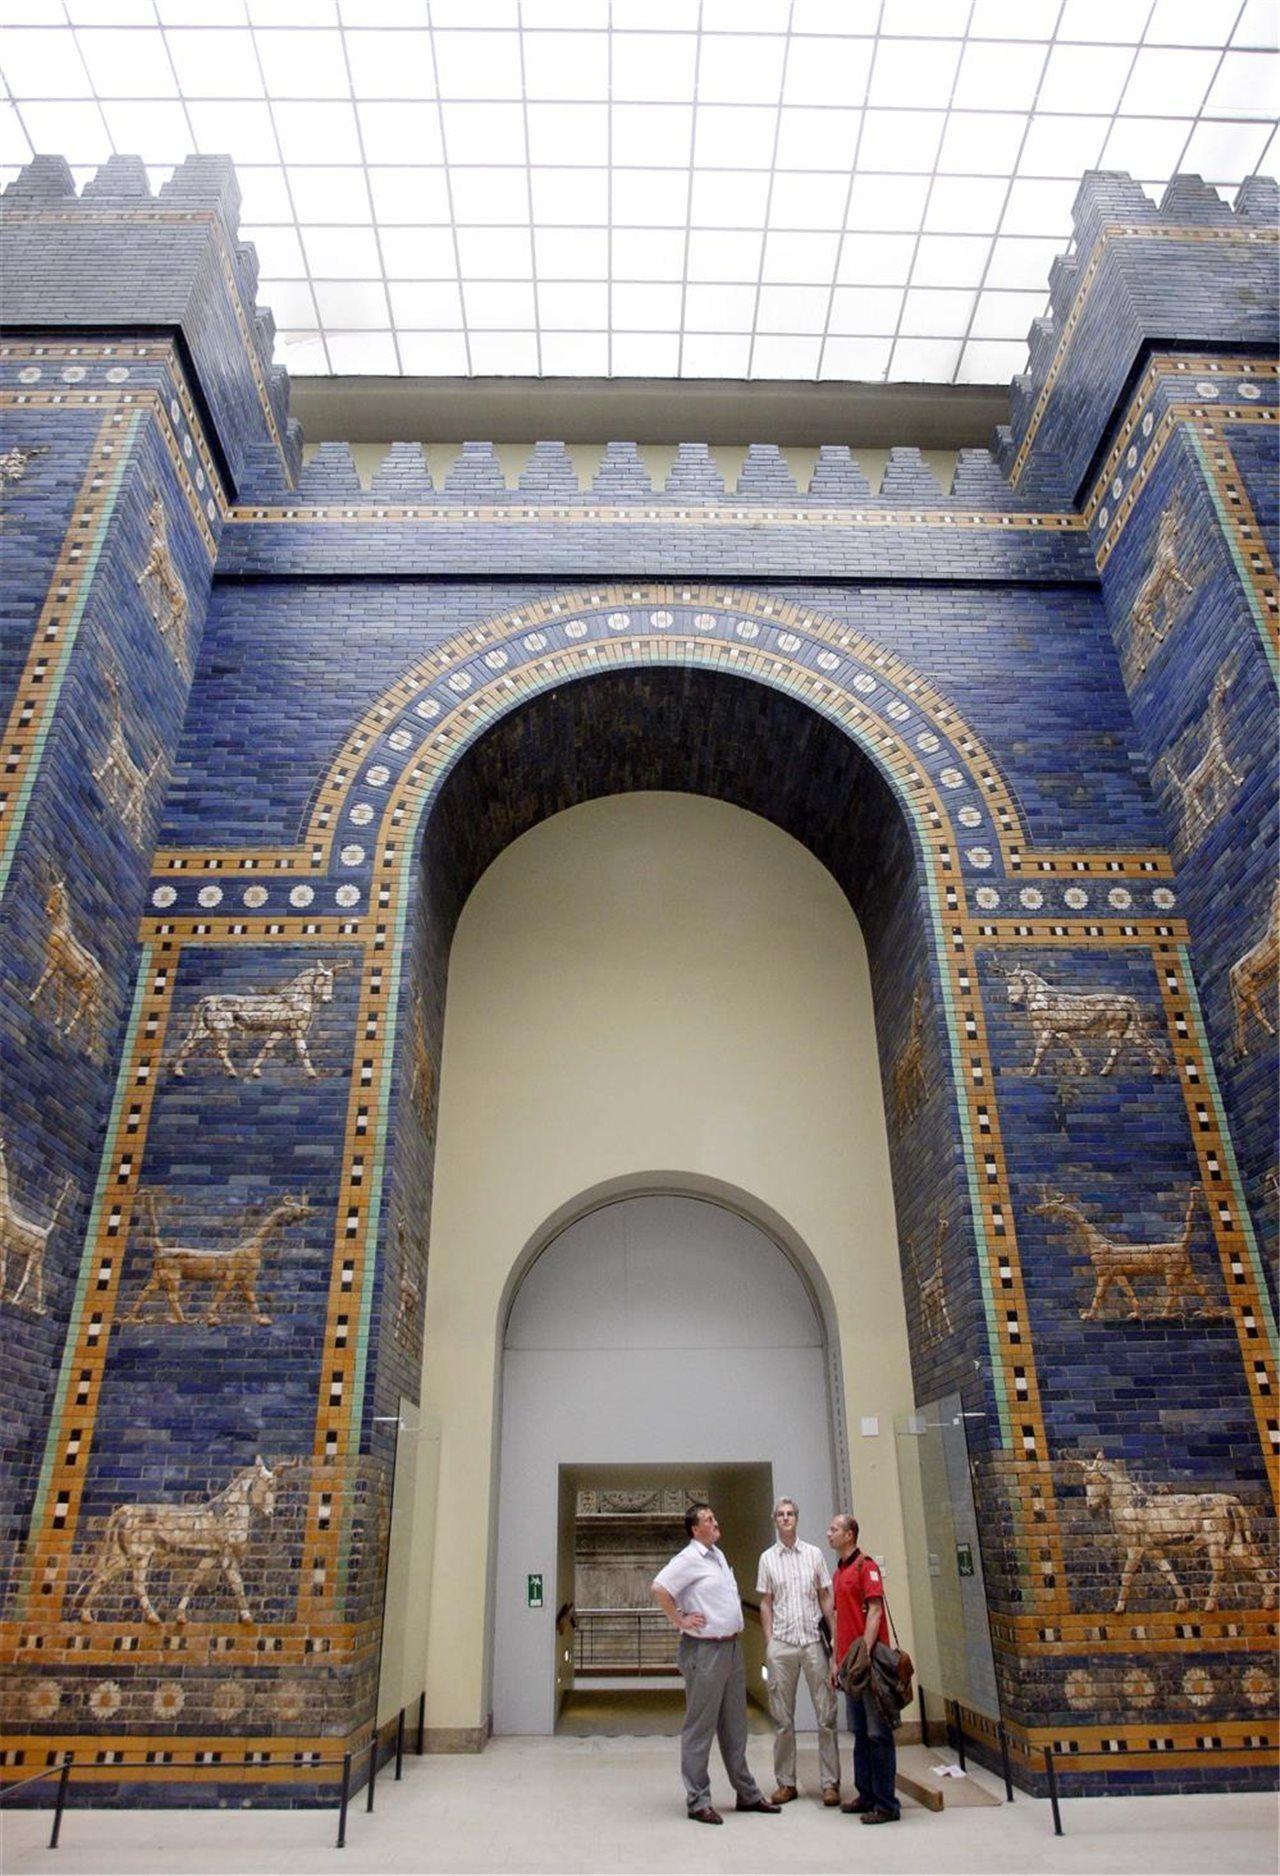 La Puerta De Ishtar Una Maravilla De La Antigua Babilonia Com